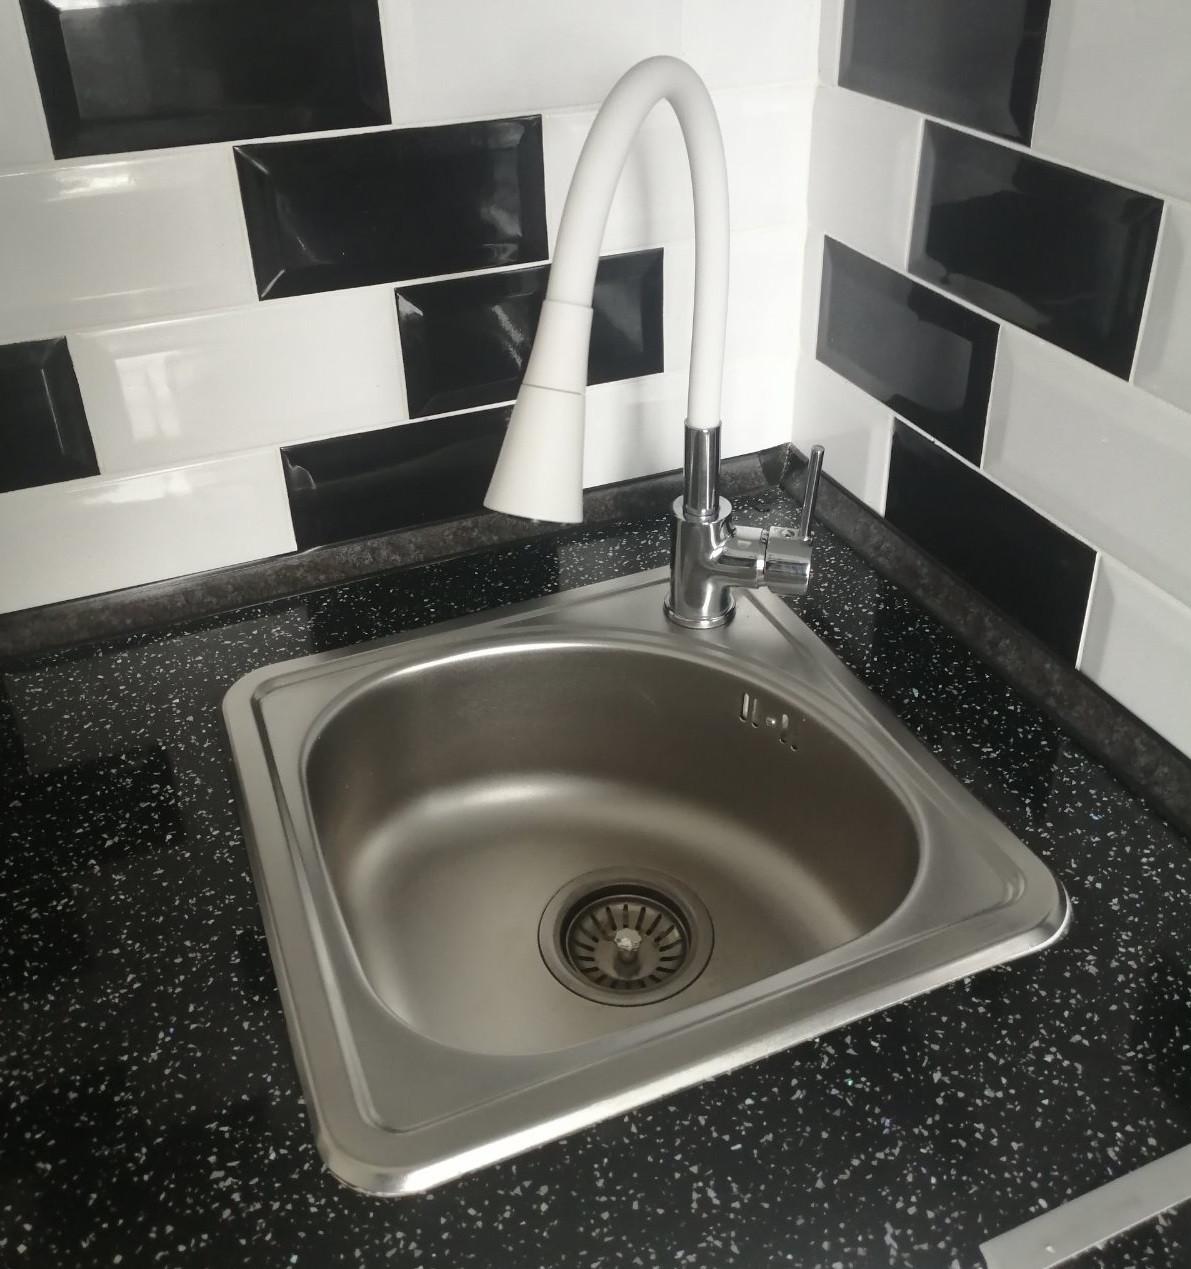 Квадратная кухонная мойка Platinum 3838B Satin 0,6мм